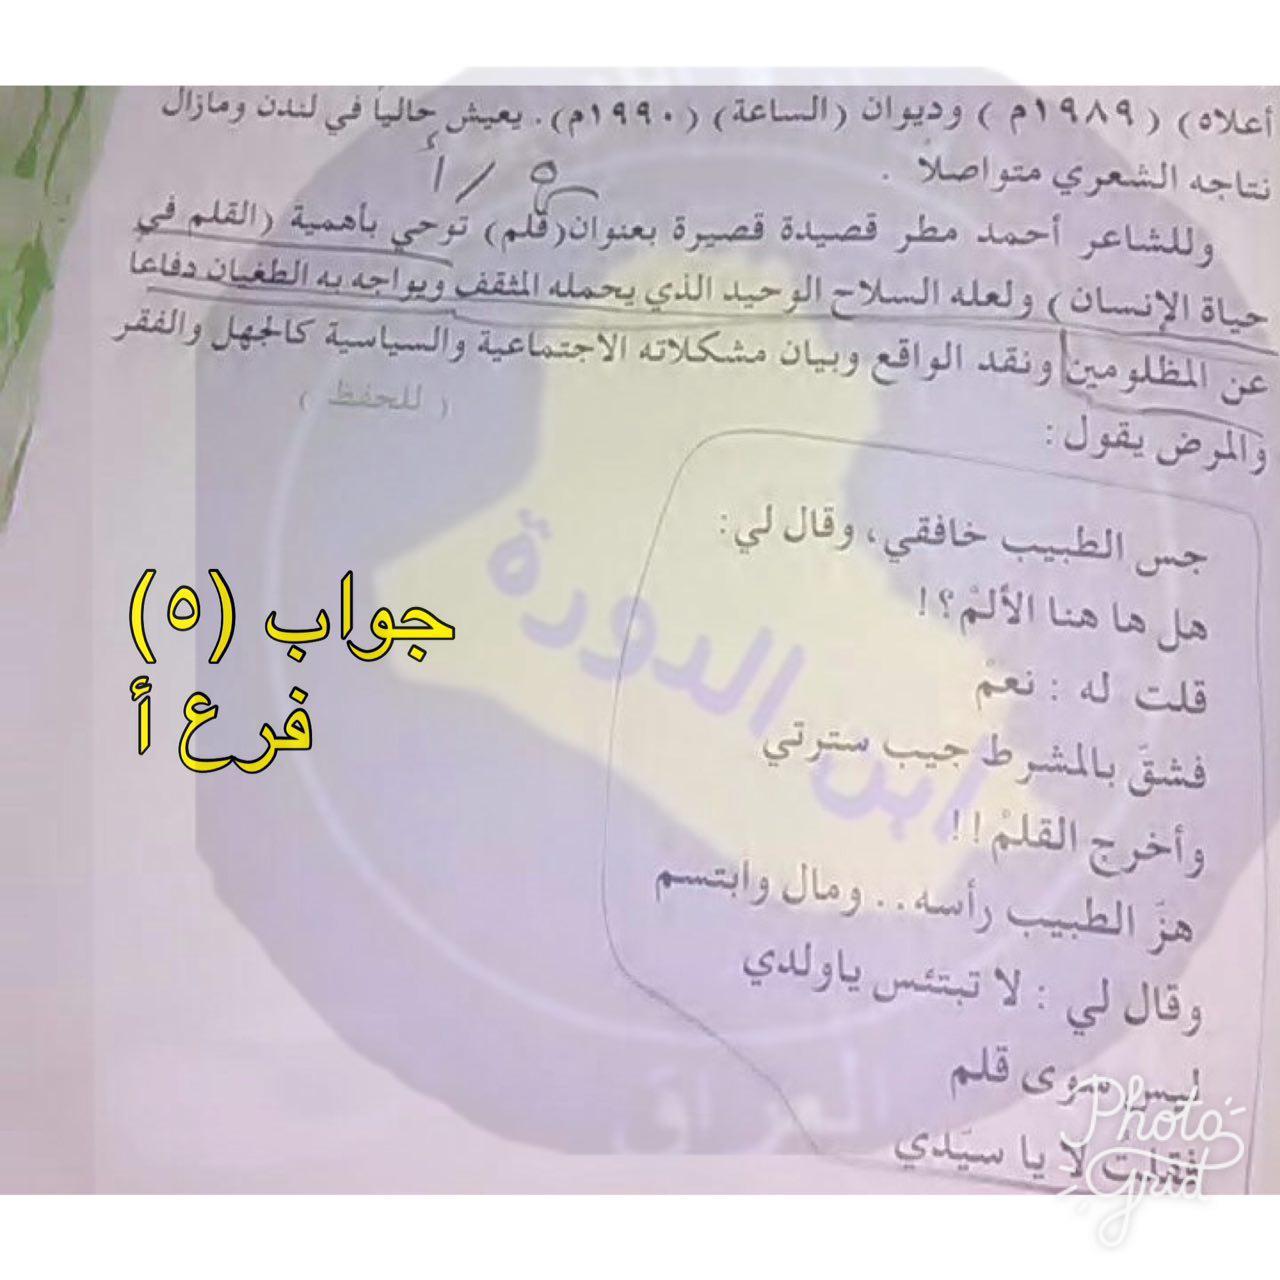 نموذج ورقة اللغة العربية مع الحل للصف الثالث متوسط 2017 الدور الاول Photo_2017-06-06_11-26-32